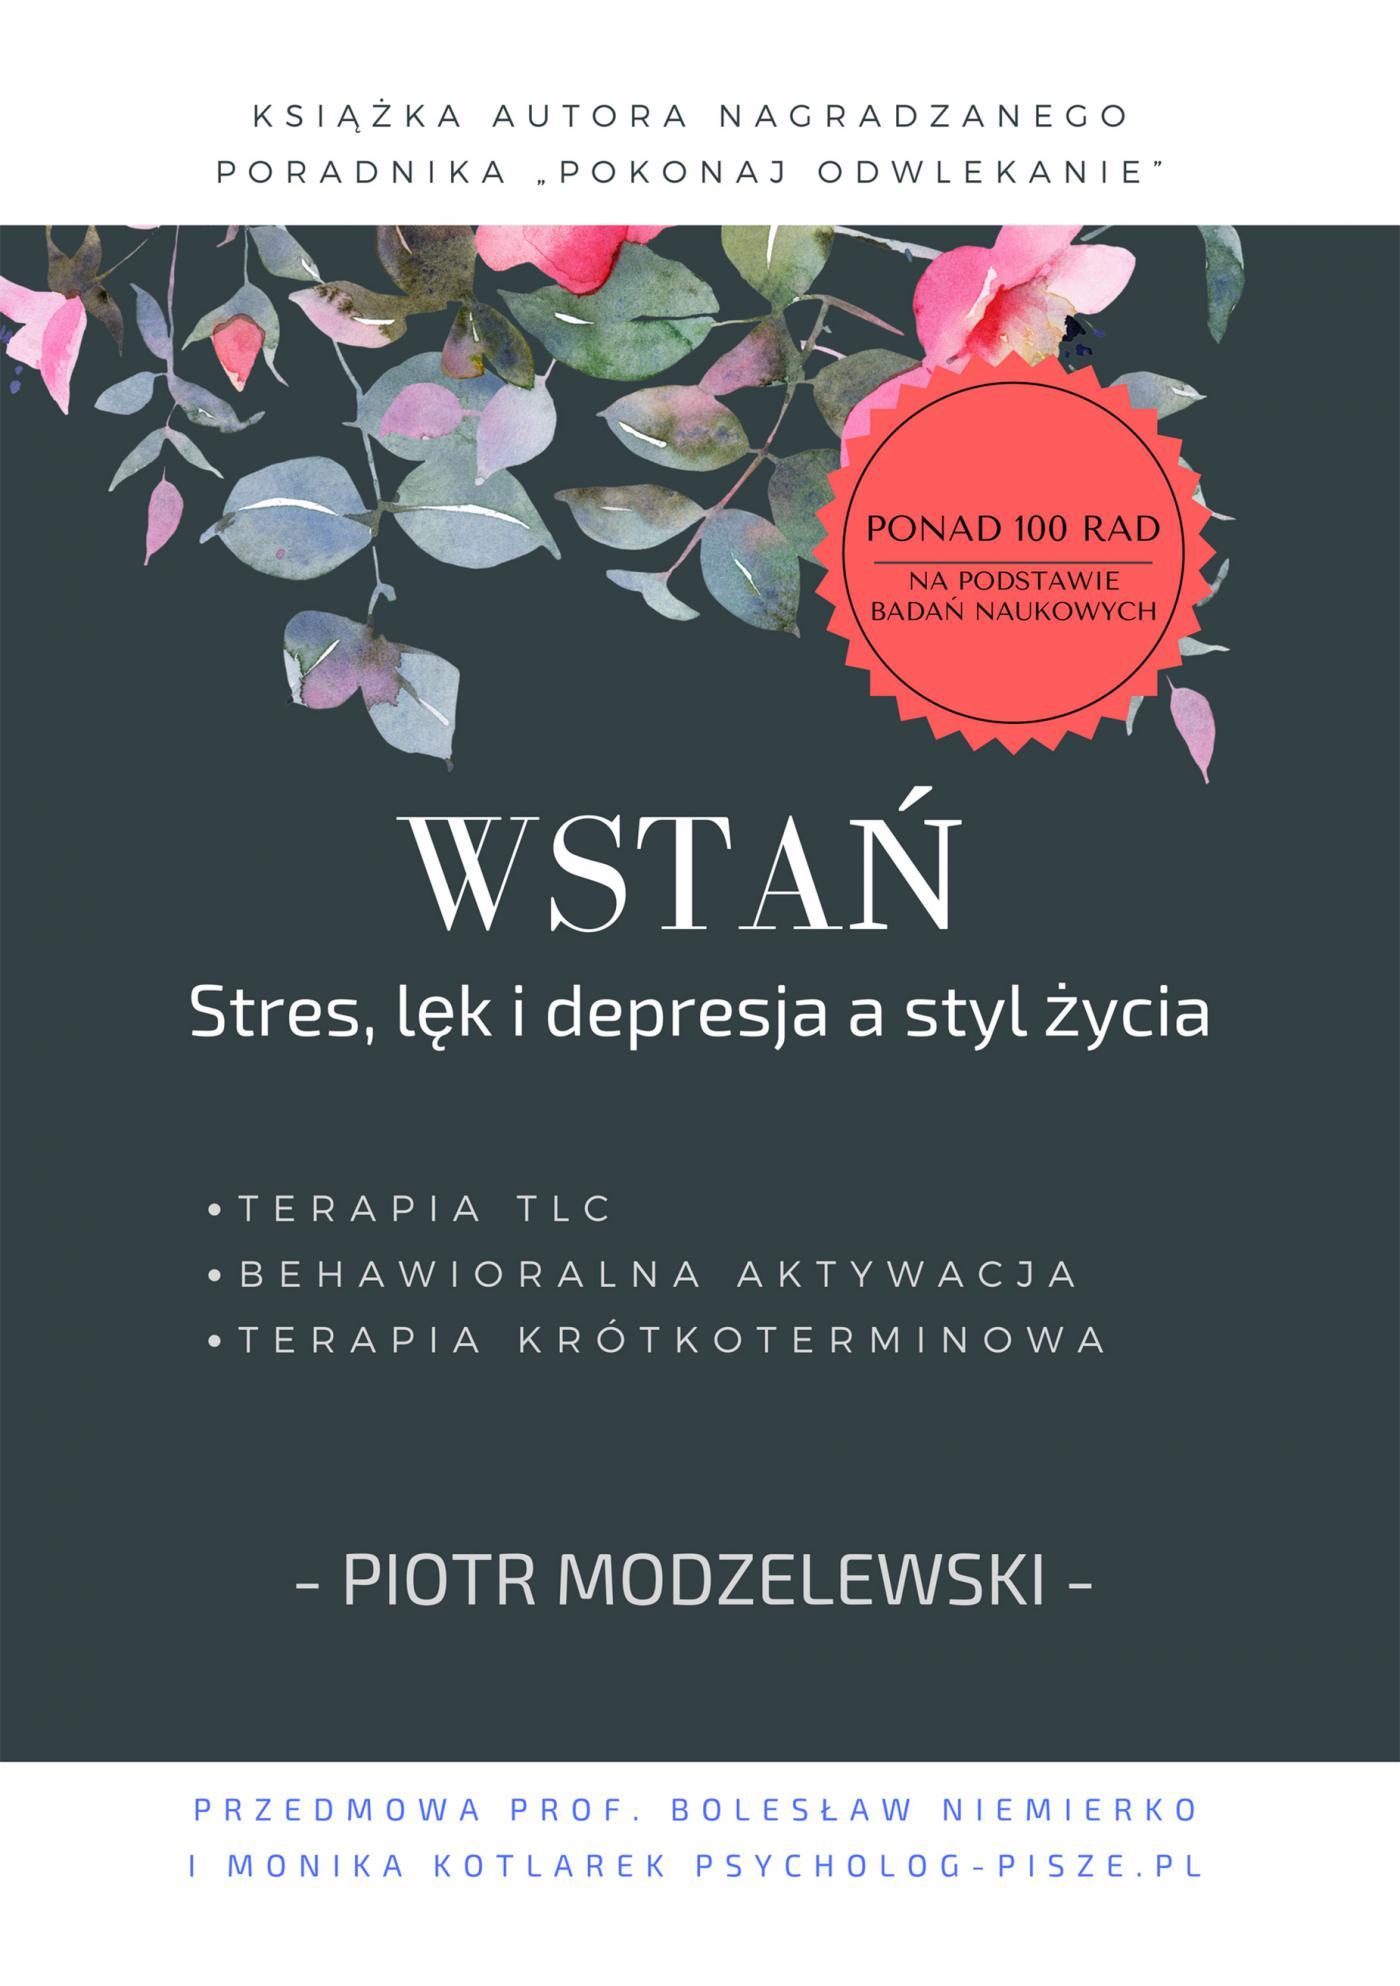 Wstań. Stres, lęk i depresja a styl życia - Ebook (Książka na Kindle) do pobrania w formacie MOBI